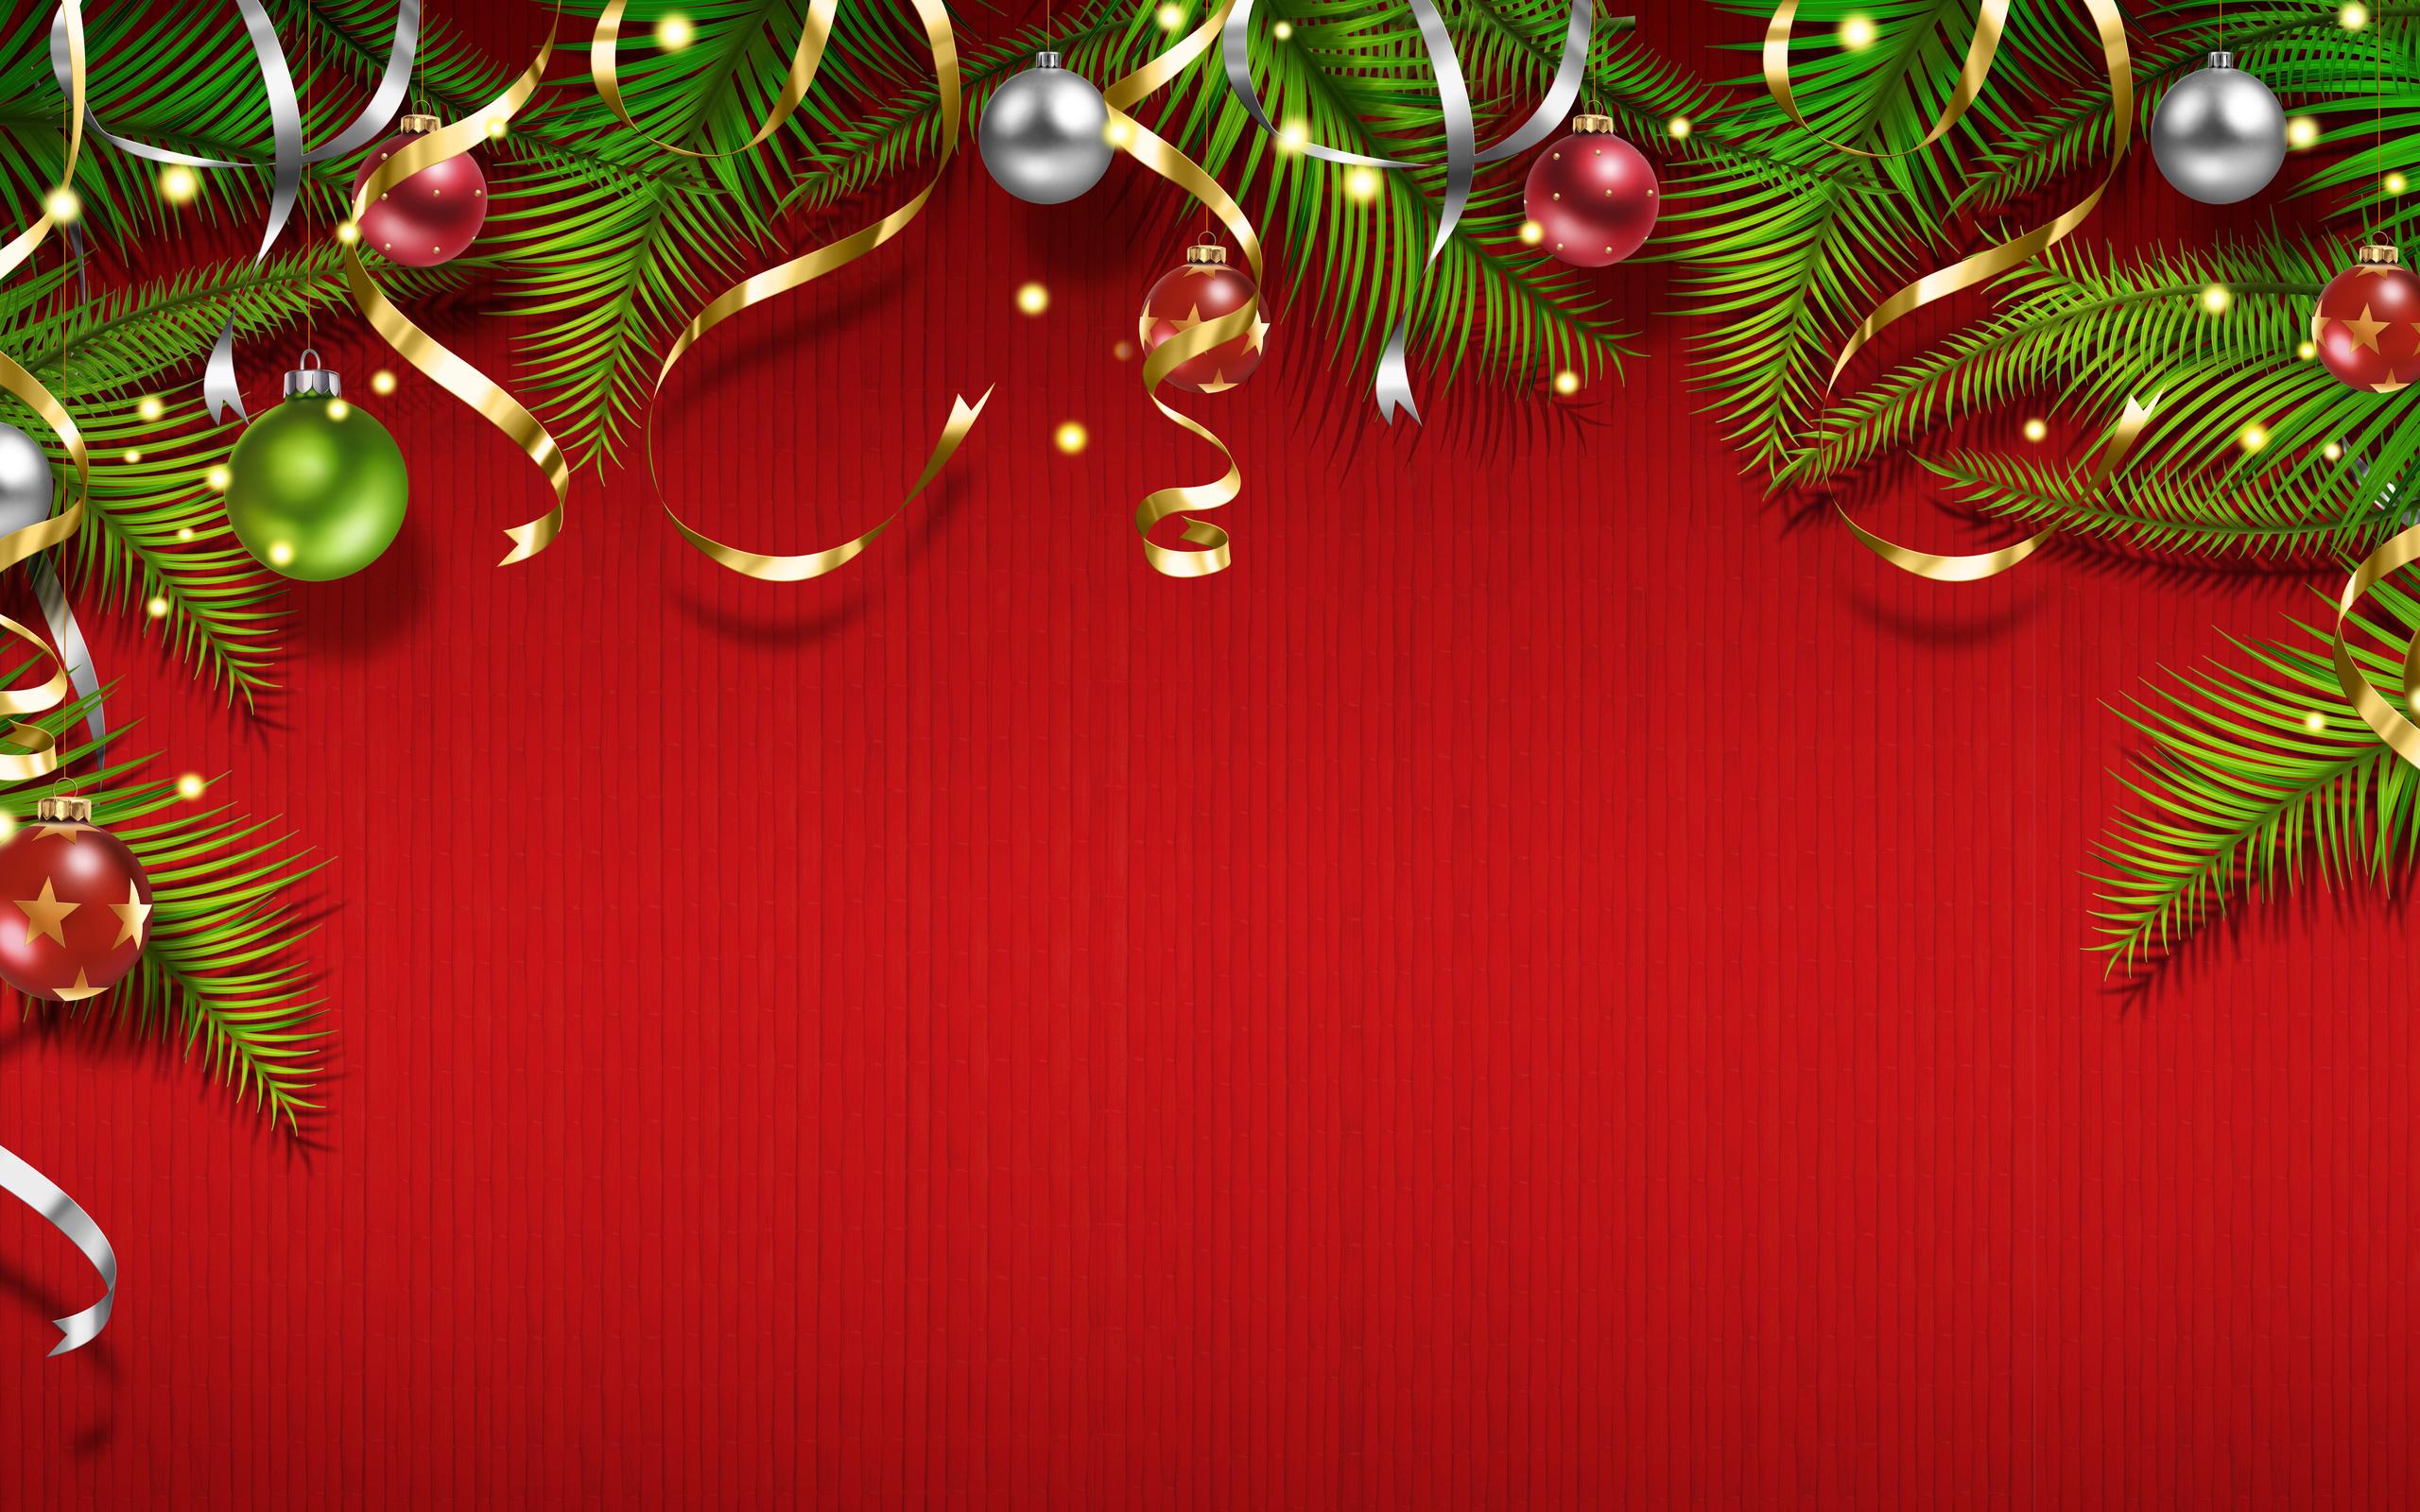 новогодние темы обои для рабочего стола № 579558 бесплатно